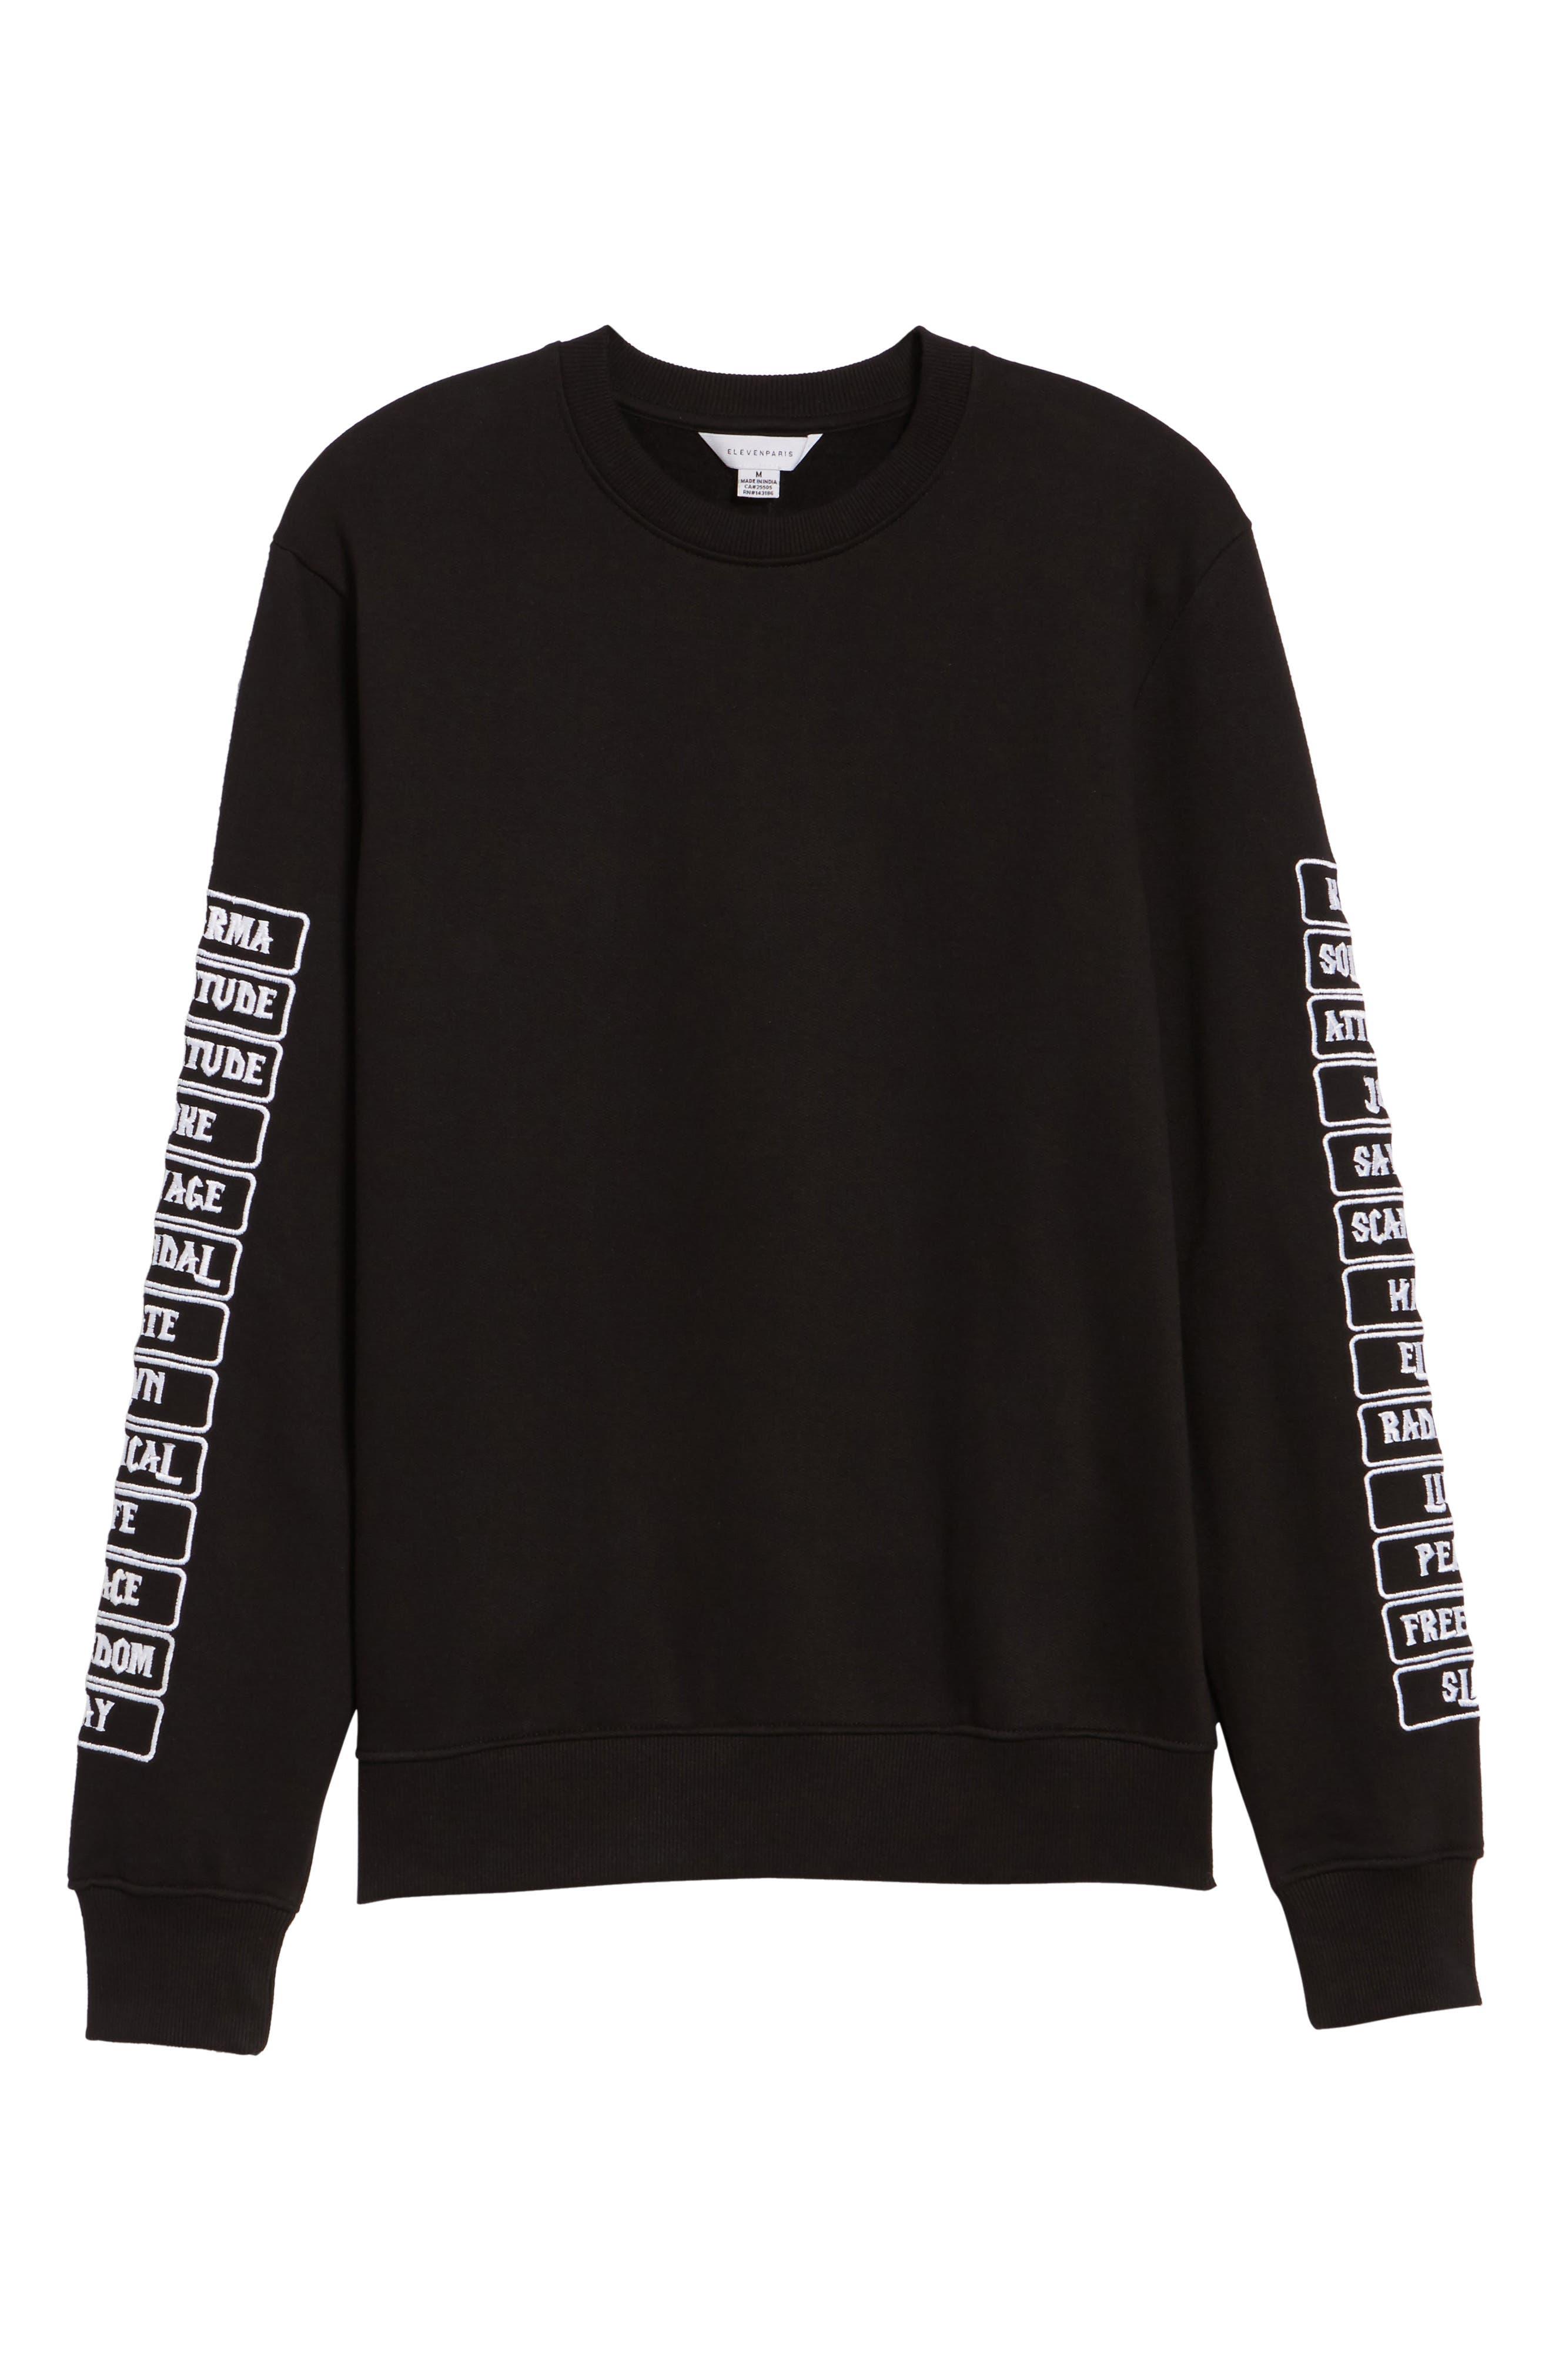 Meace Fleece Sweatshirt,                             Alternate thumbnail 6, color,                             Black